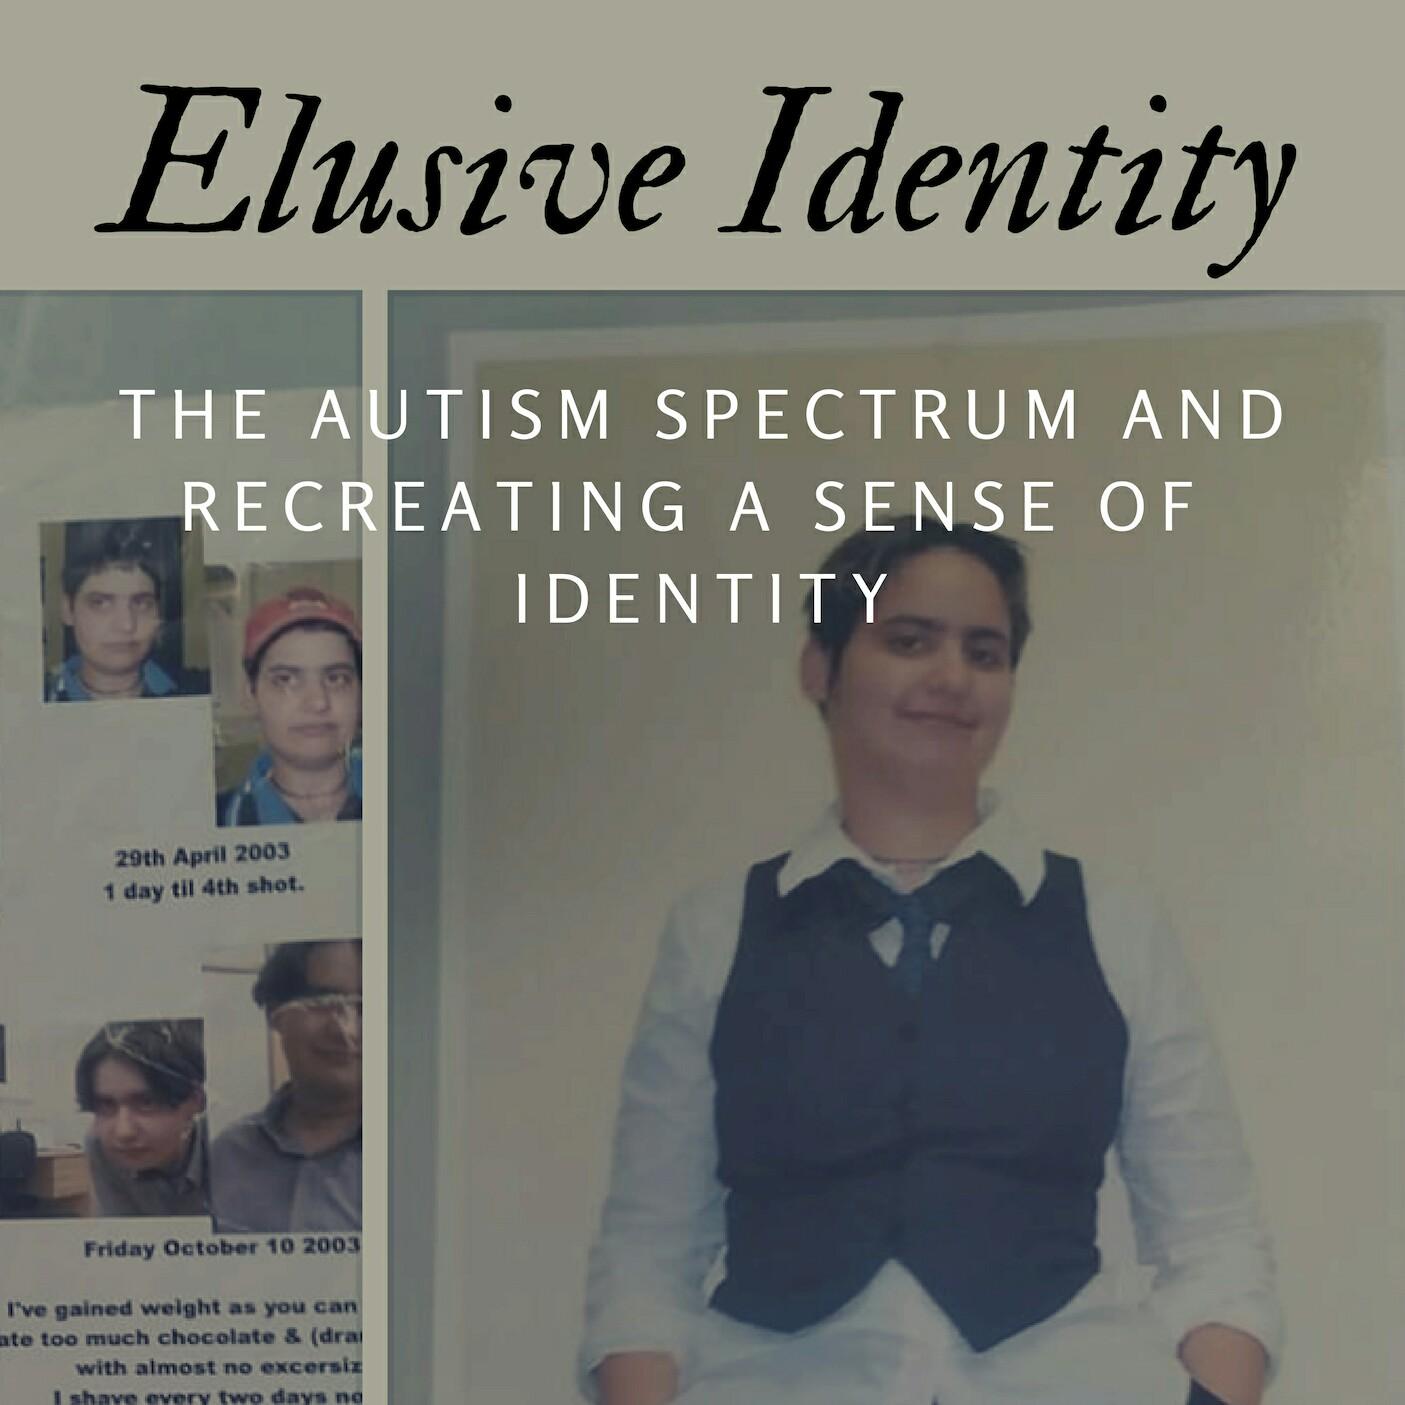 Chapter 3 Autism and Identity: Masking (Elusive Identity)